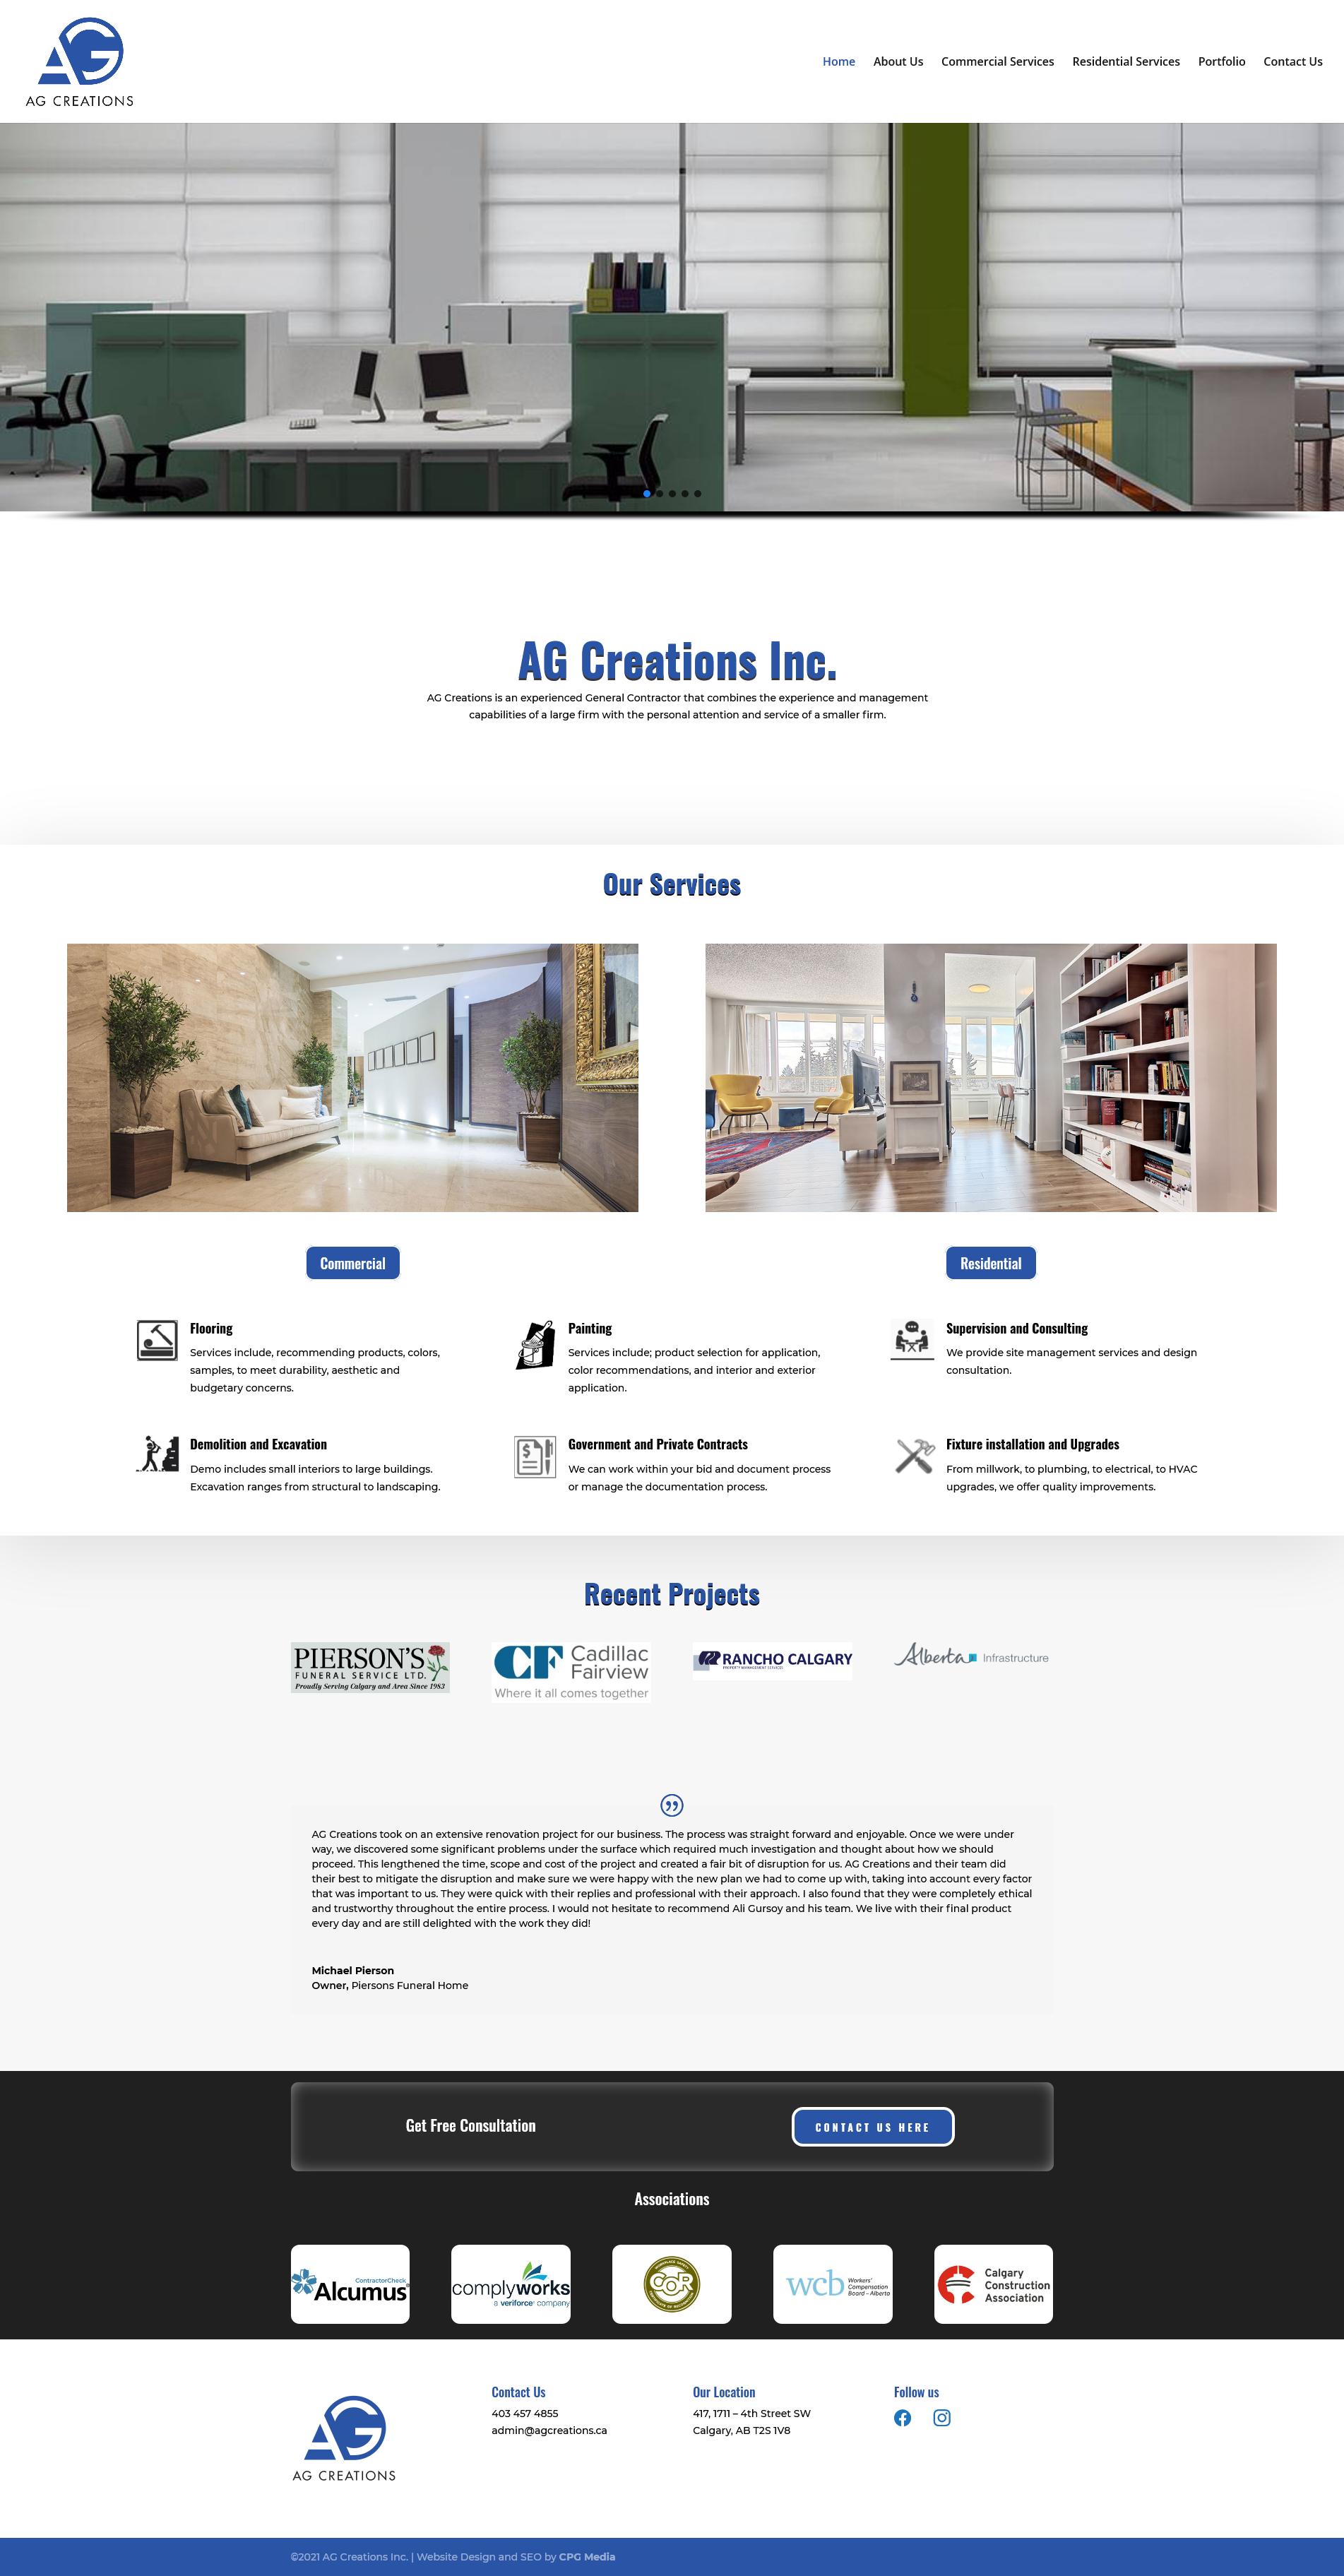 AG Creations Website screen shot